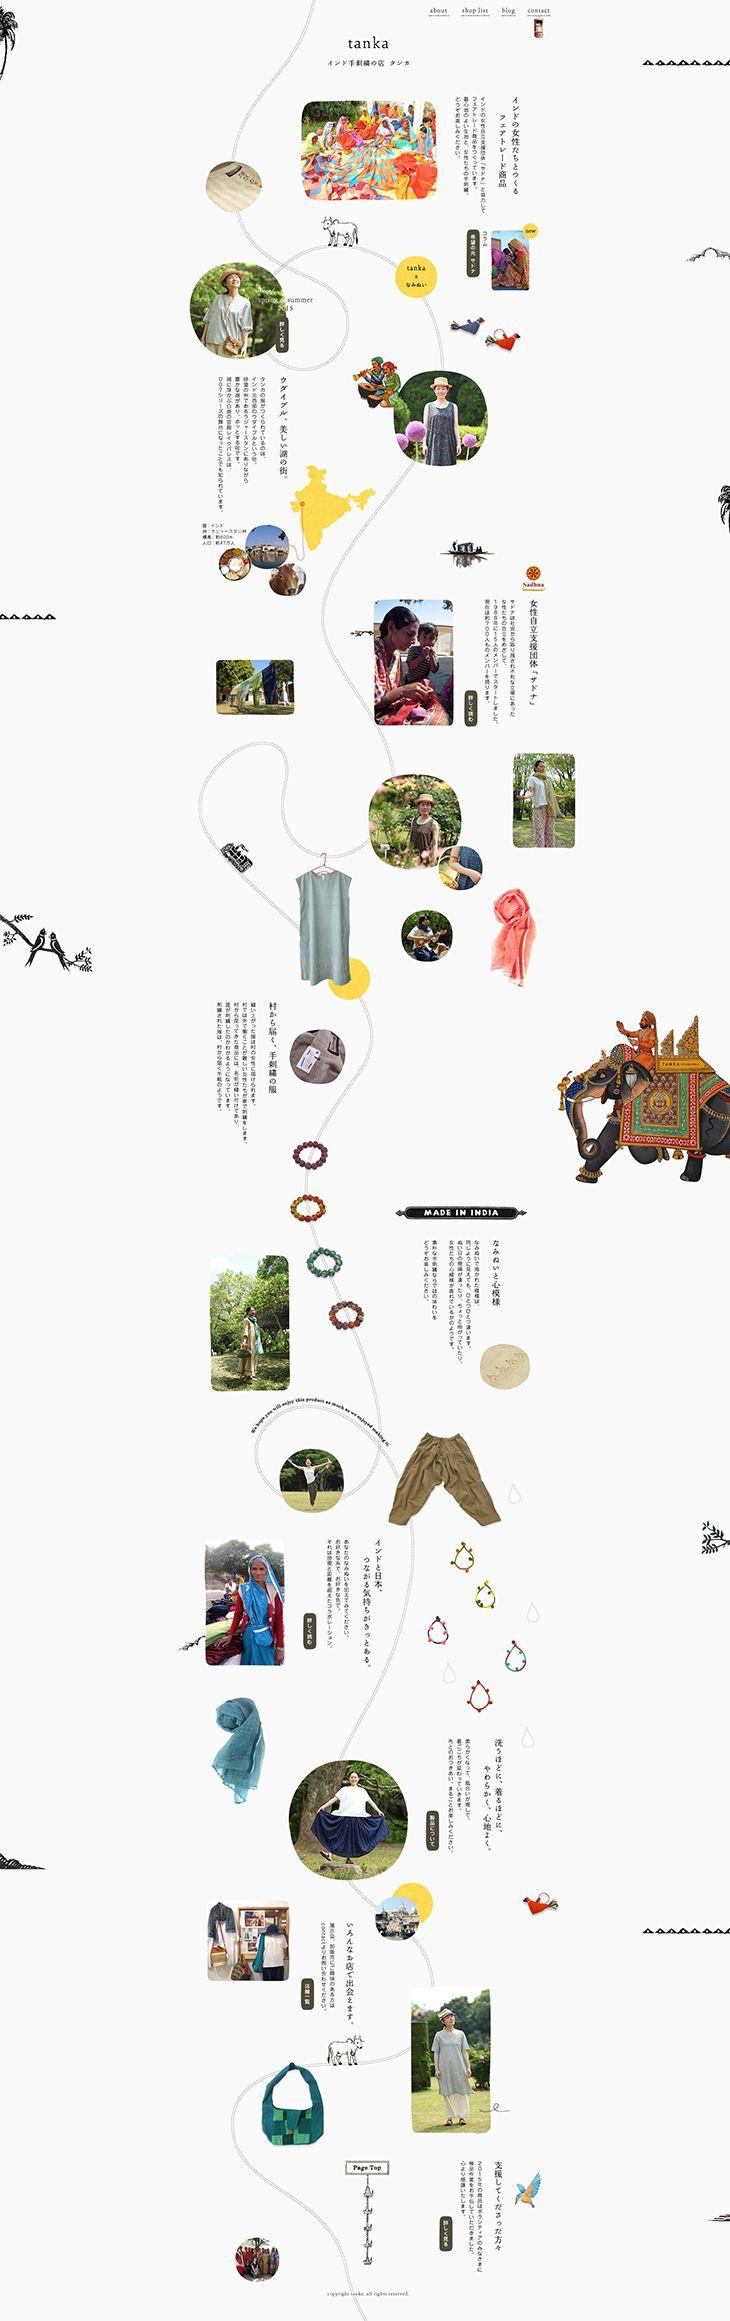 インドの刺繍店 タンカ【ファッション関連】のLPデザイン。WEBデザイナーさん必見!ランディングページのデザイン参考に(かわいい系) もっと見る